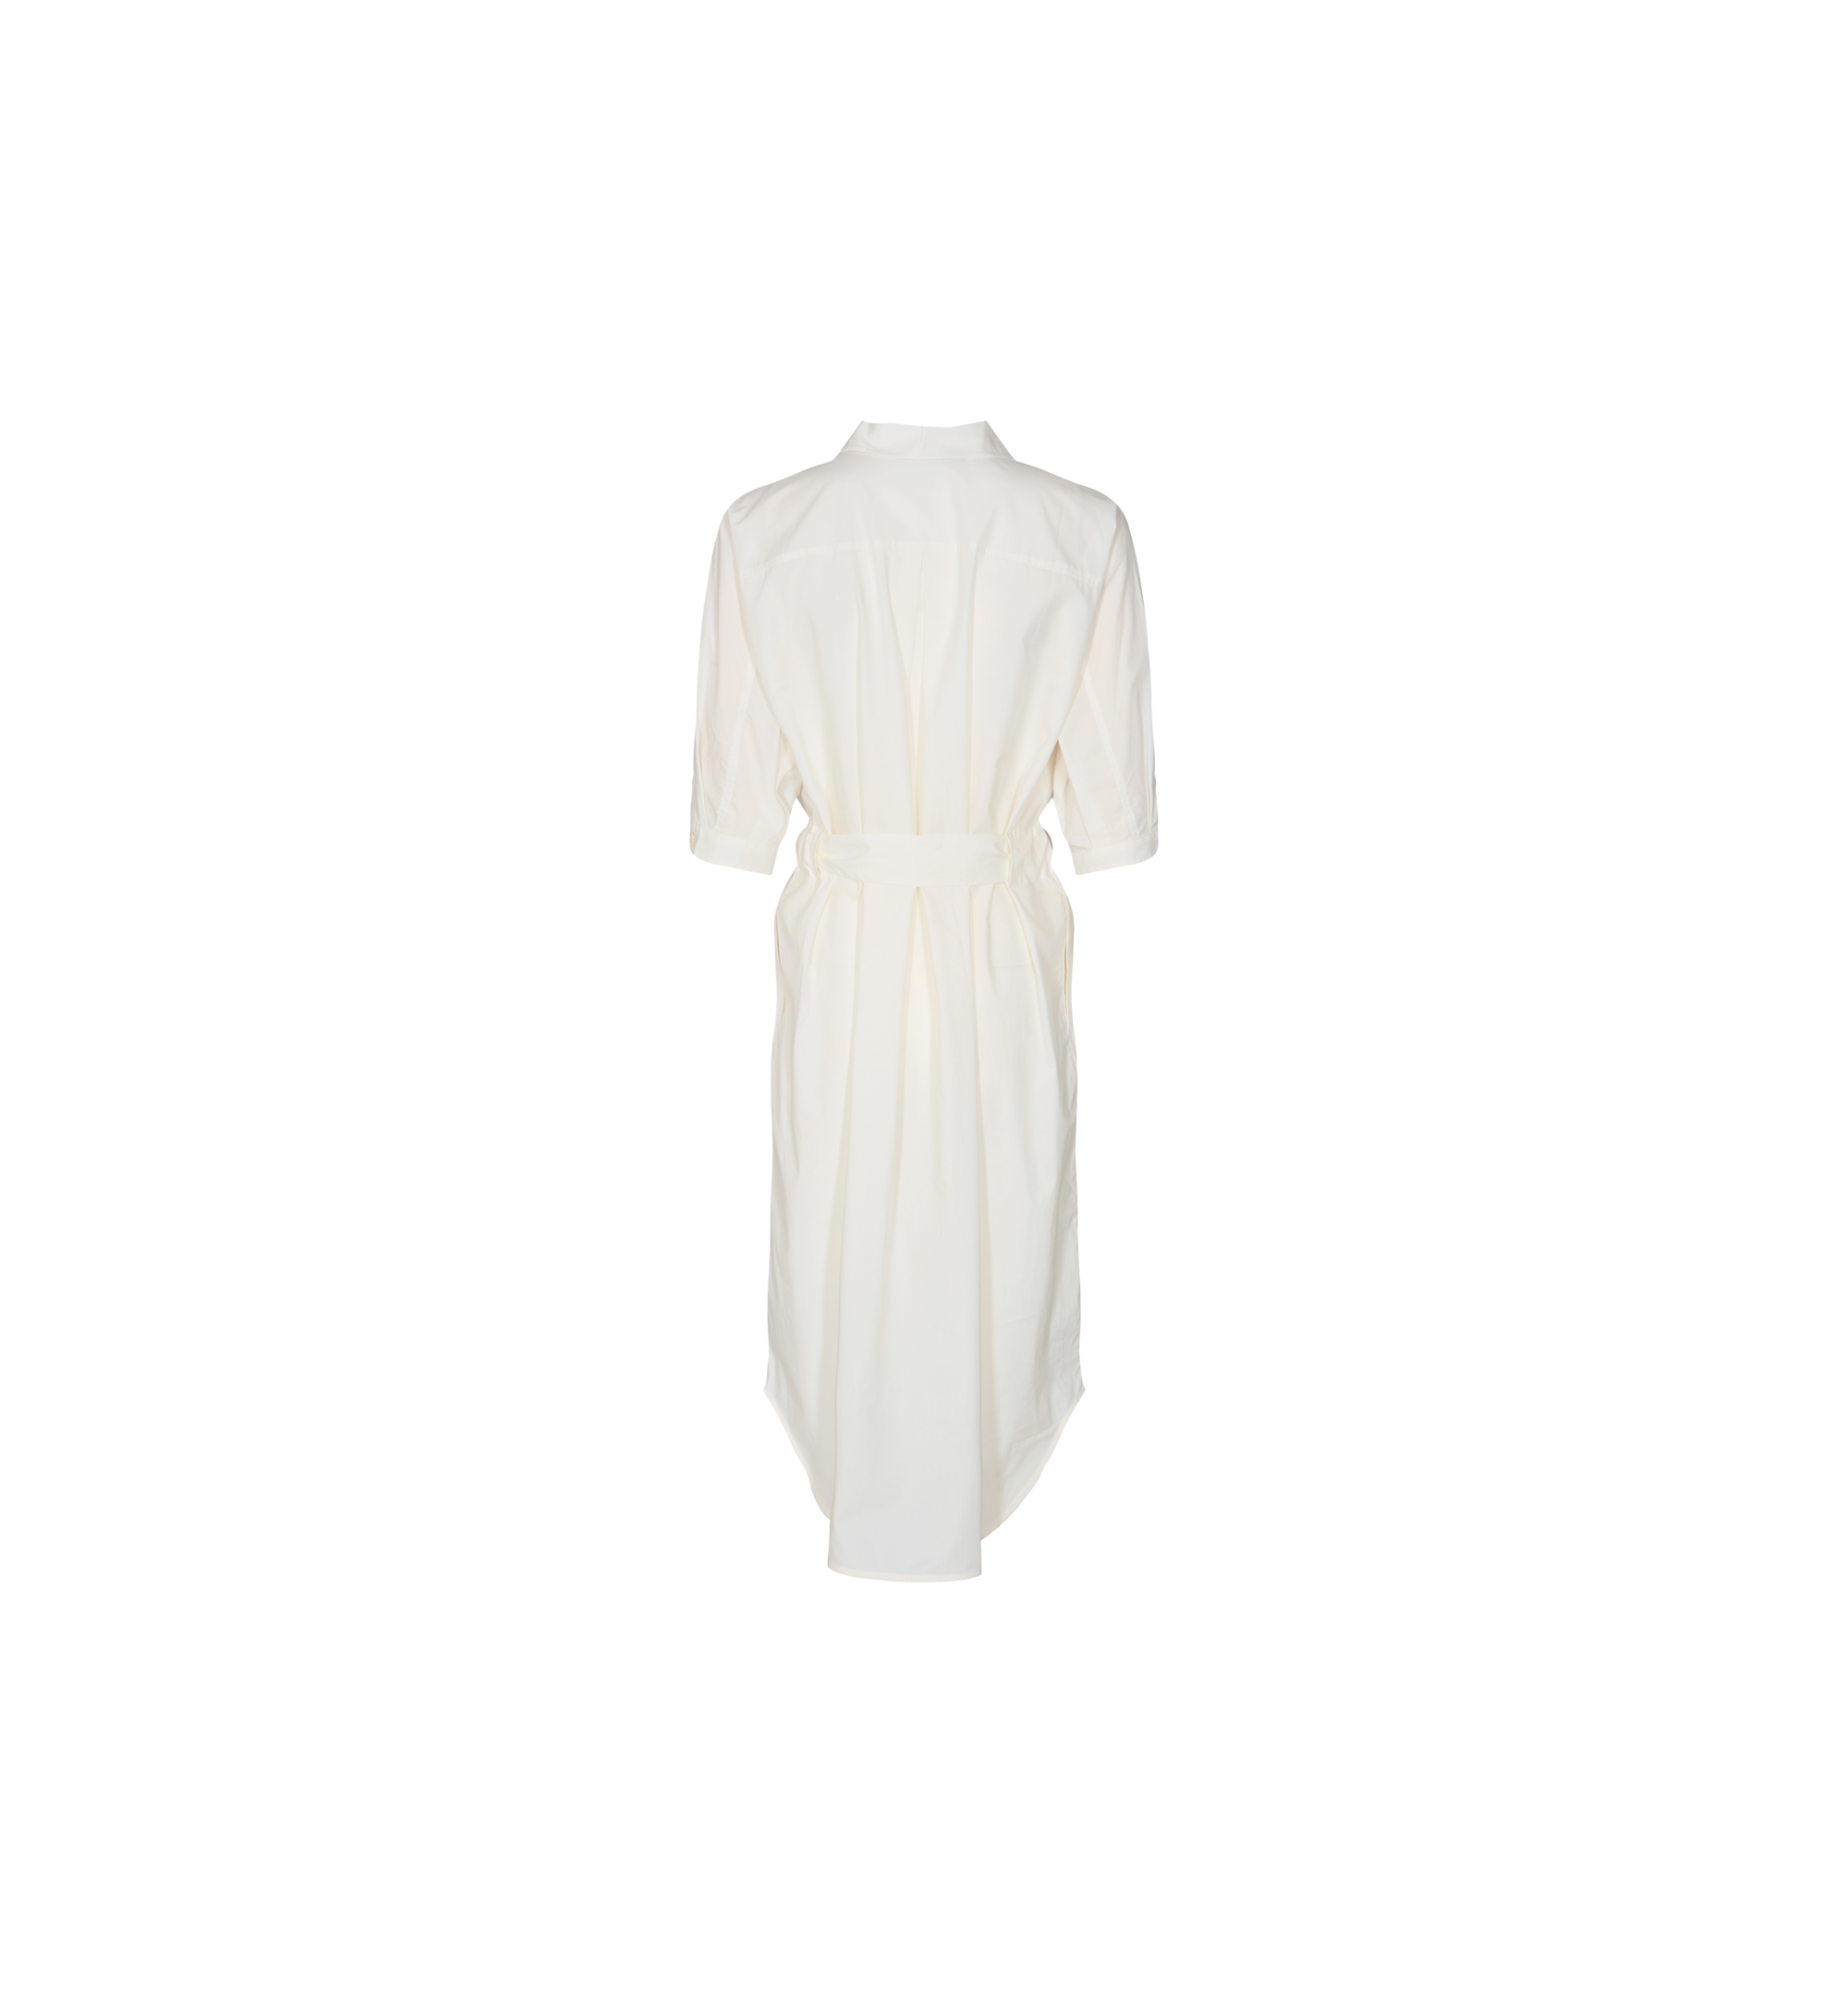 Aslaug shirt dress